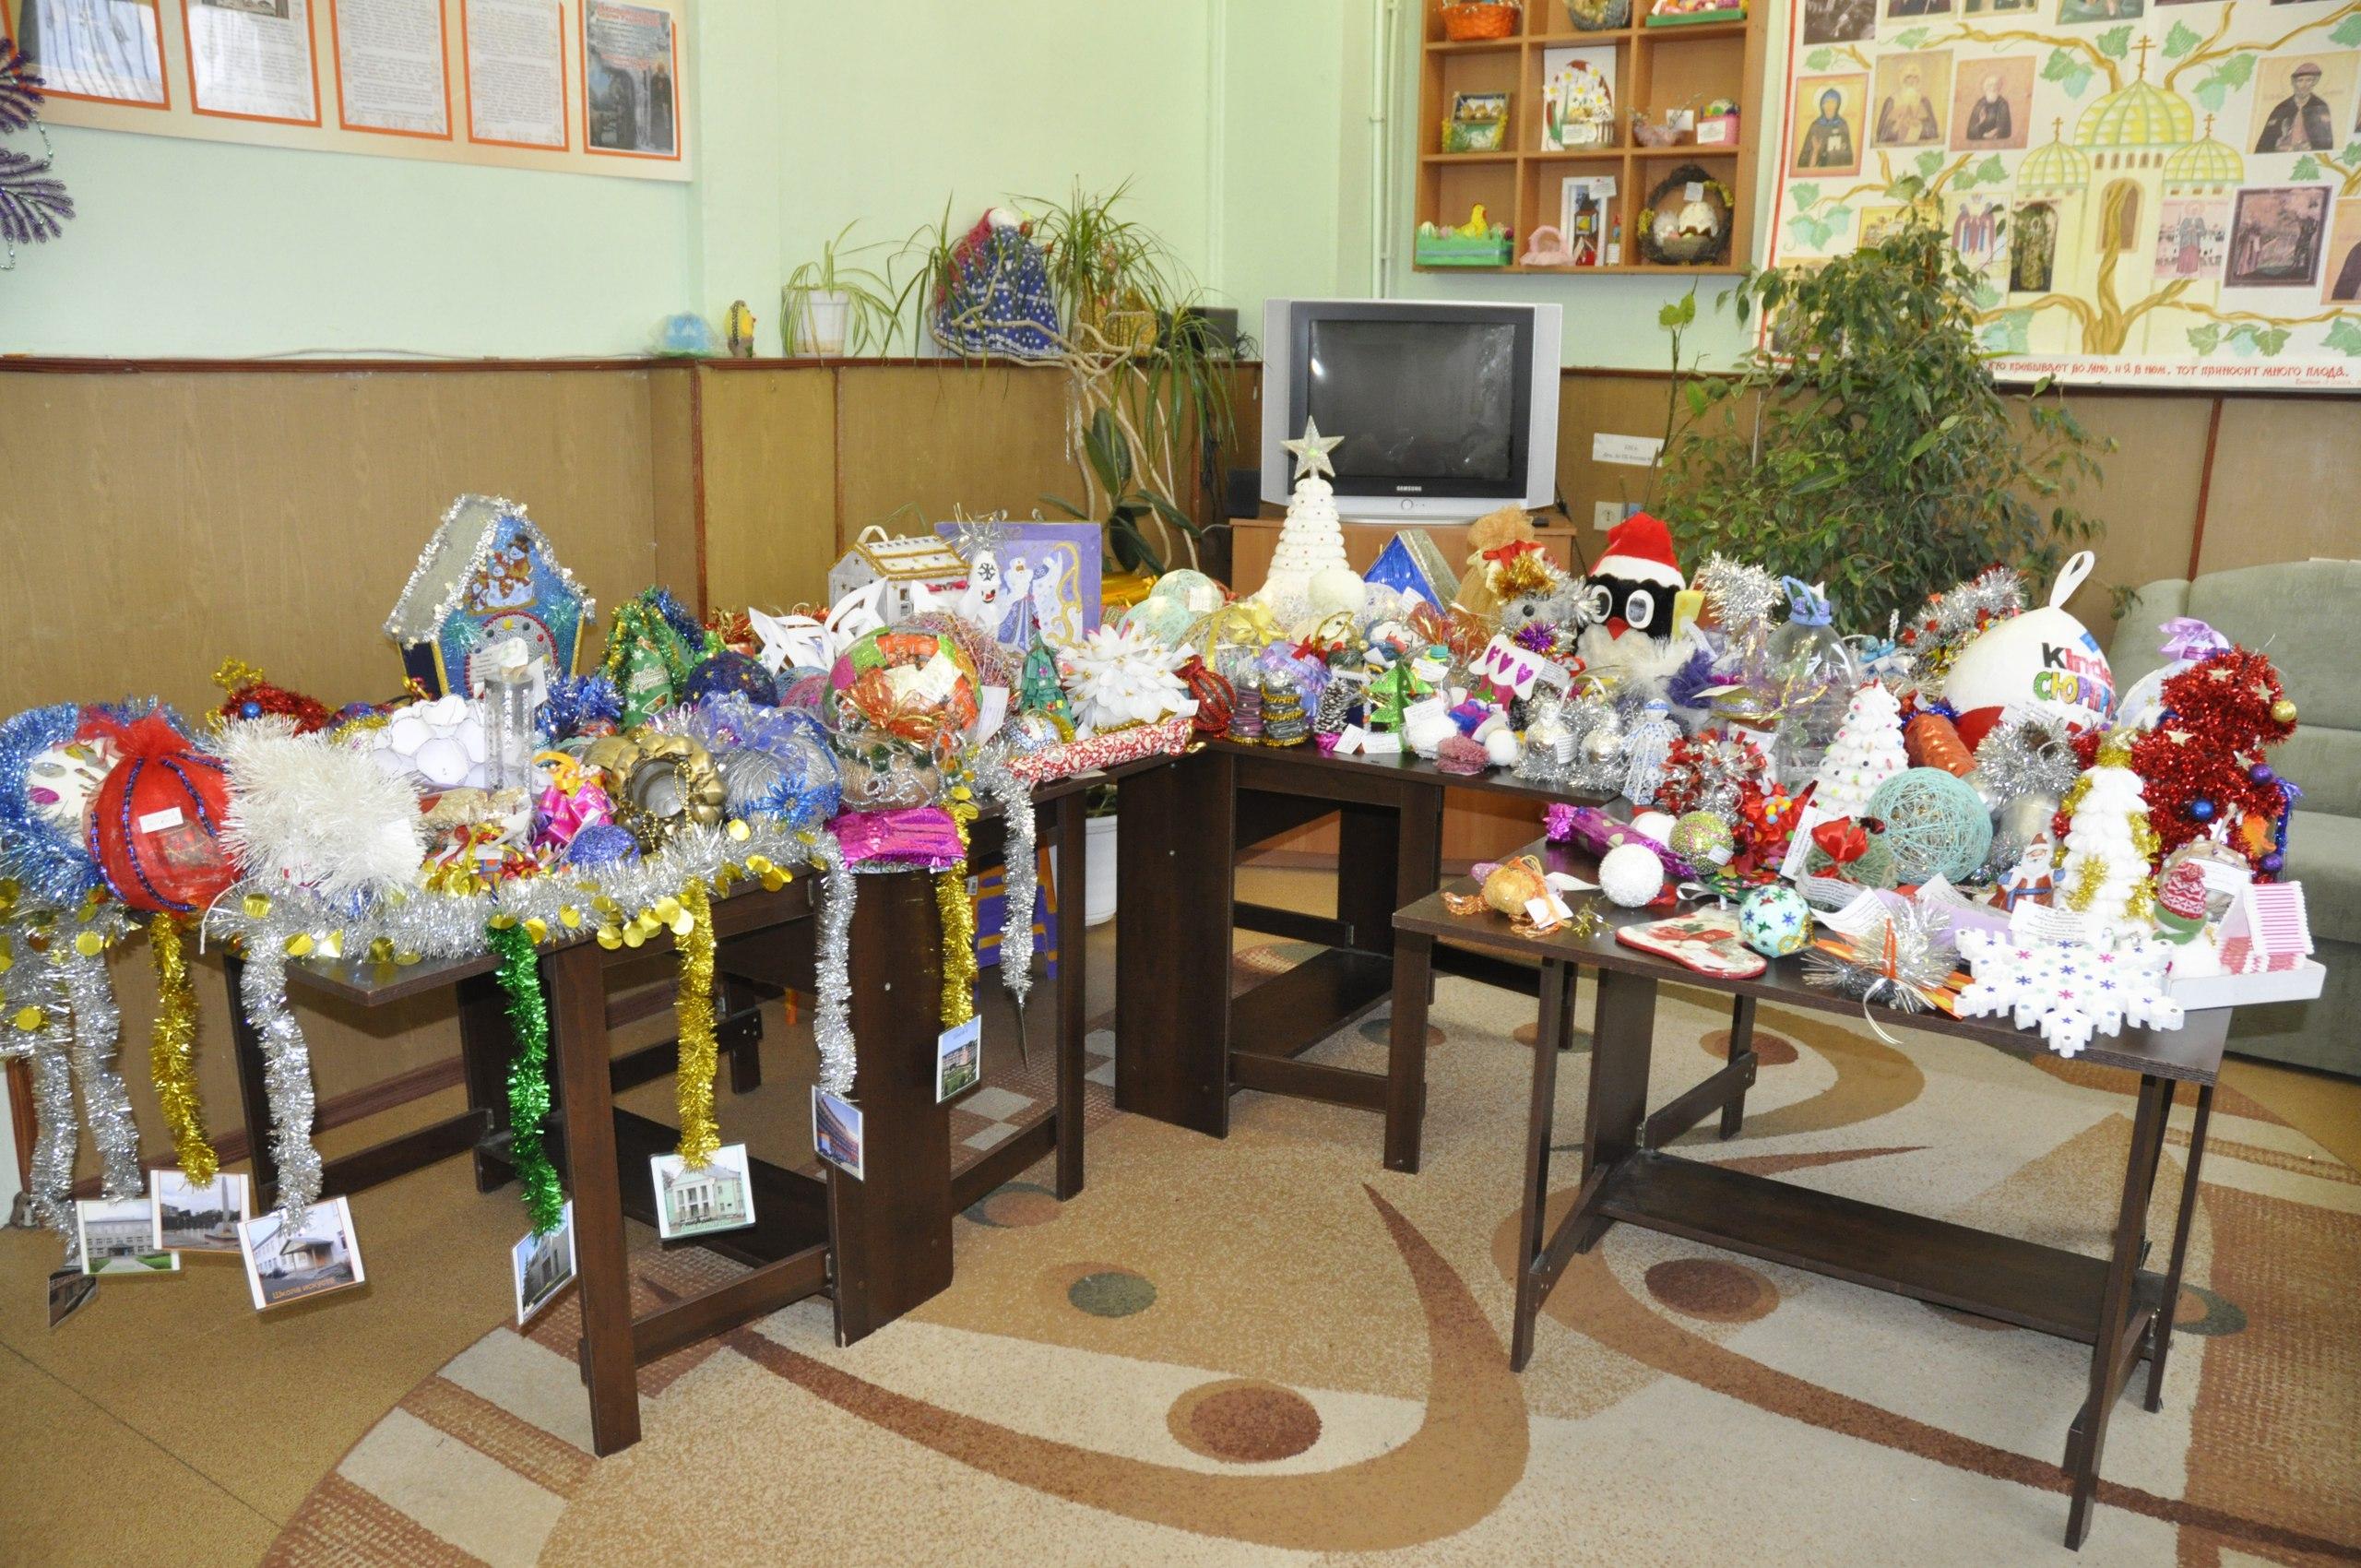 В филиале СРЦН «Ориентир» подвели итоги конкурса новогодней игрушки